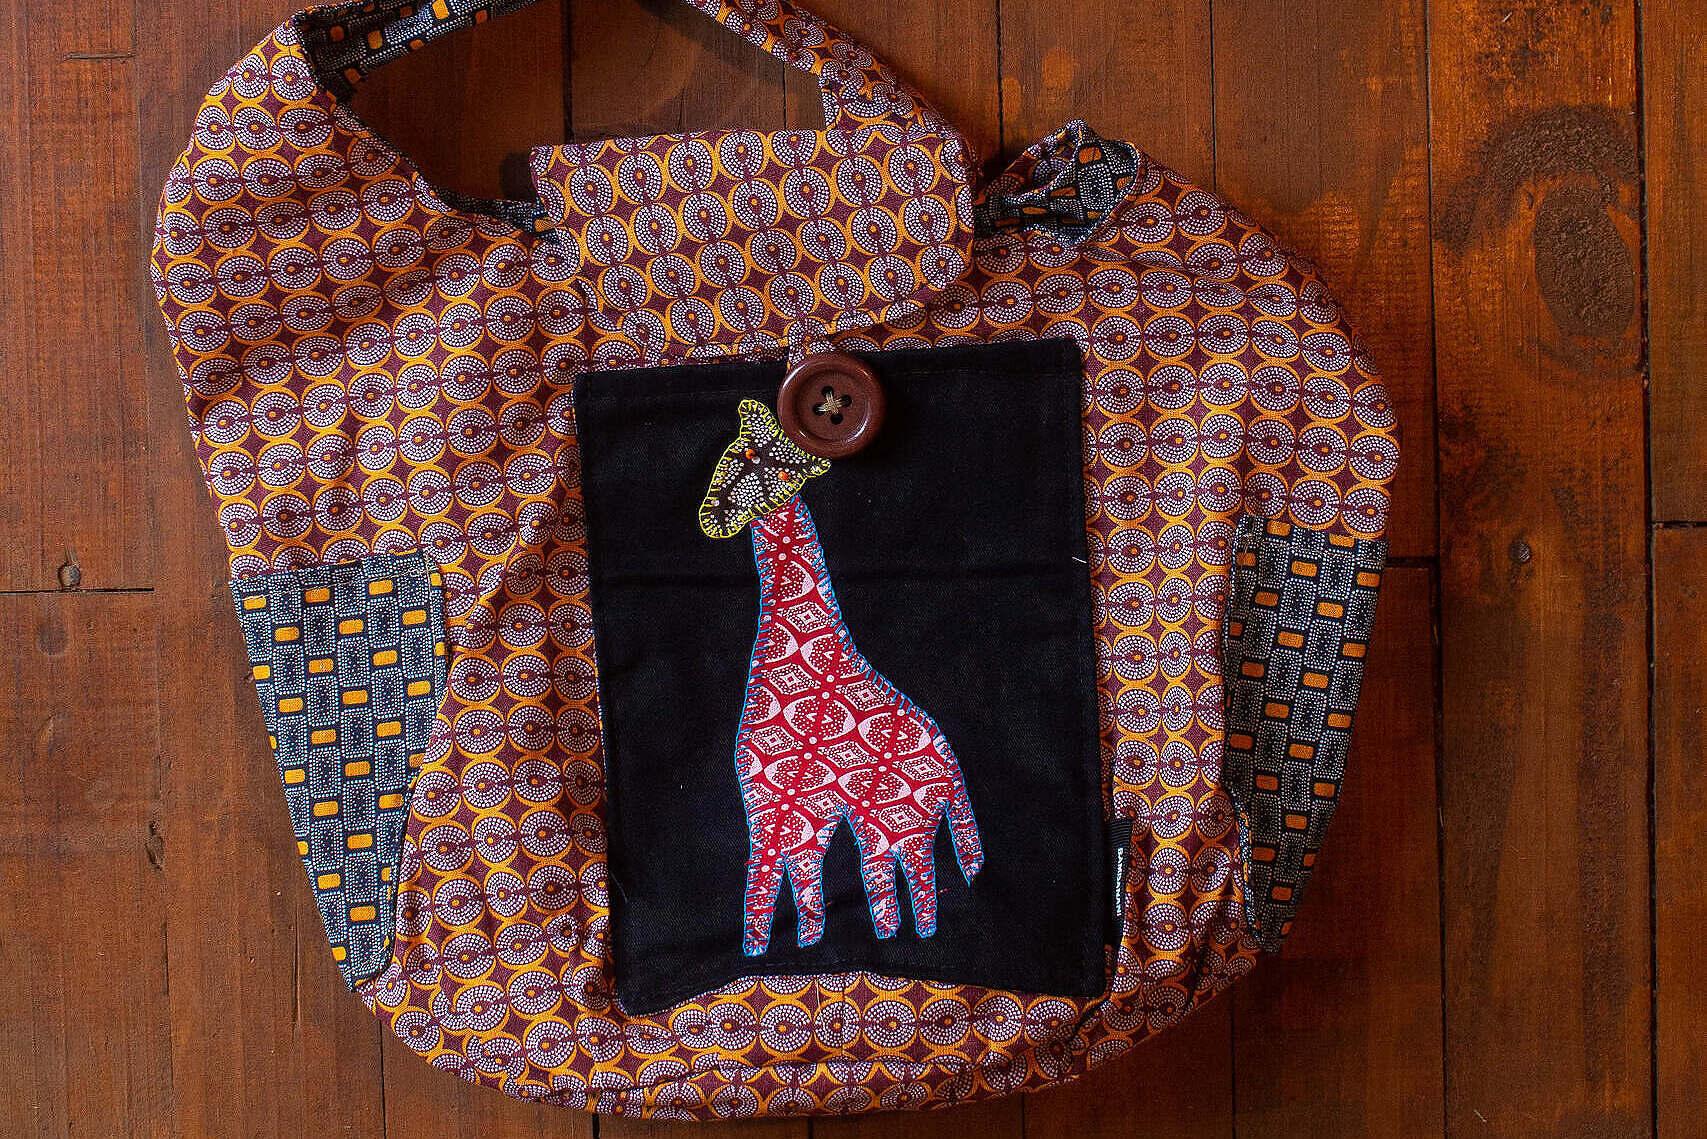 Bag with pink giraffe on